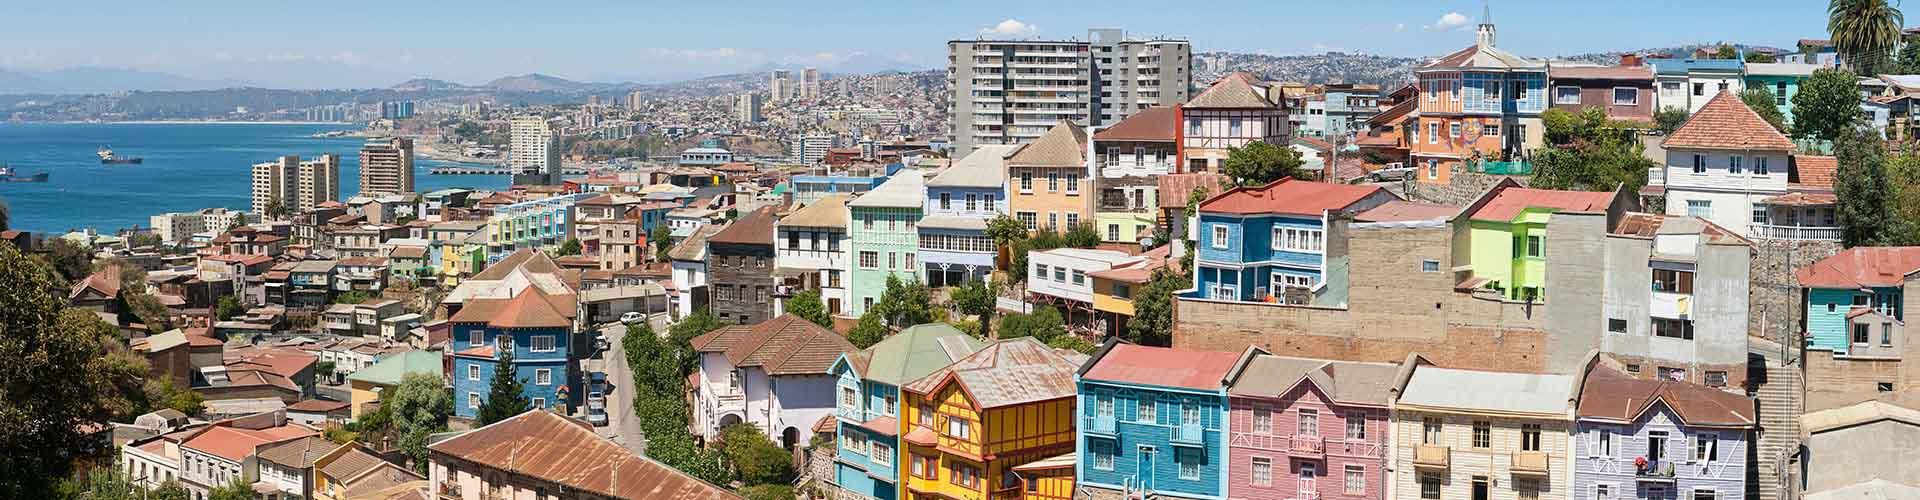 Valparaiso – Albergues em Valparaiso. Mapas para Valparaiso, Fotos e Avaliações para cada Albergue em Valparaiso.